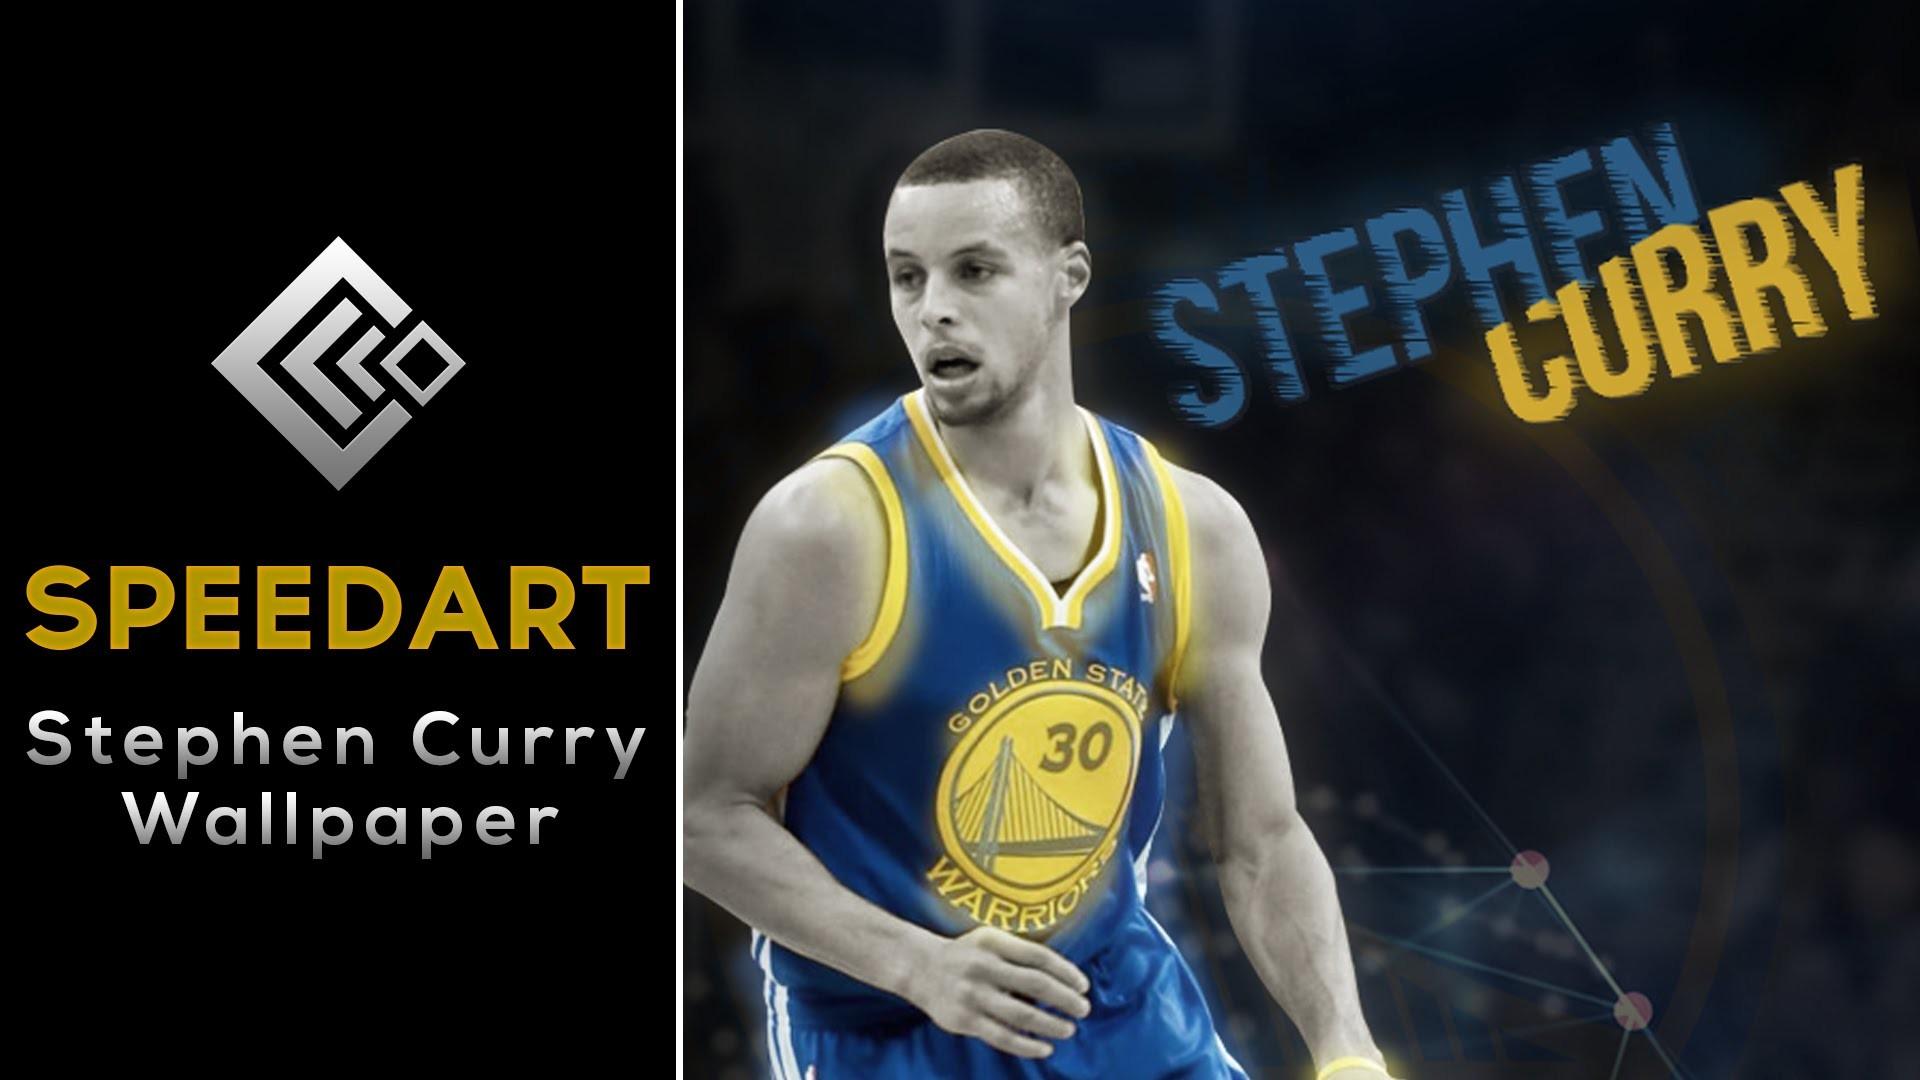 Stephen Curry Wallpaper   GFX Speedart